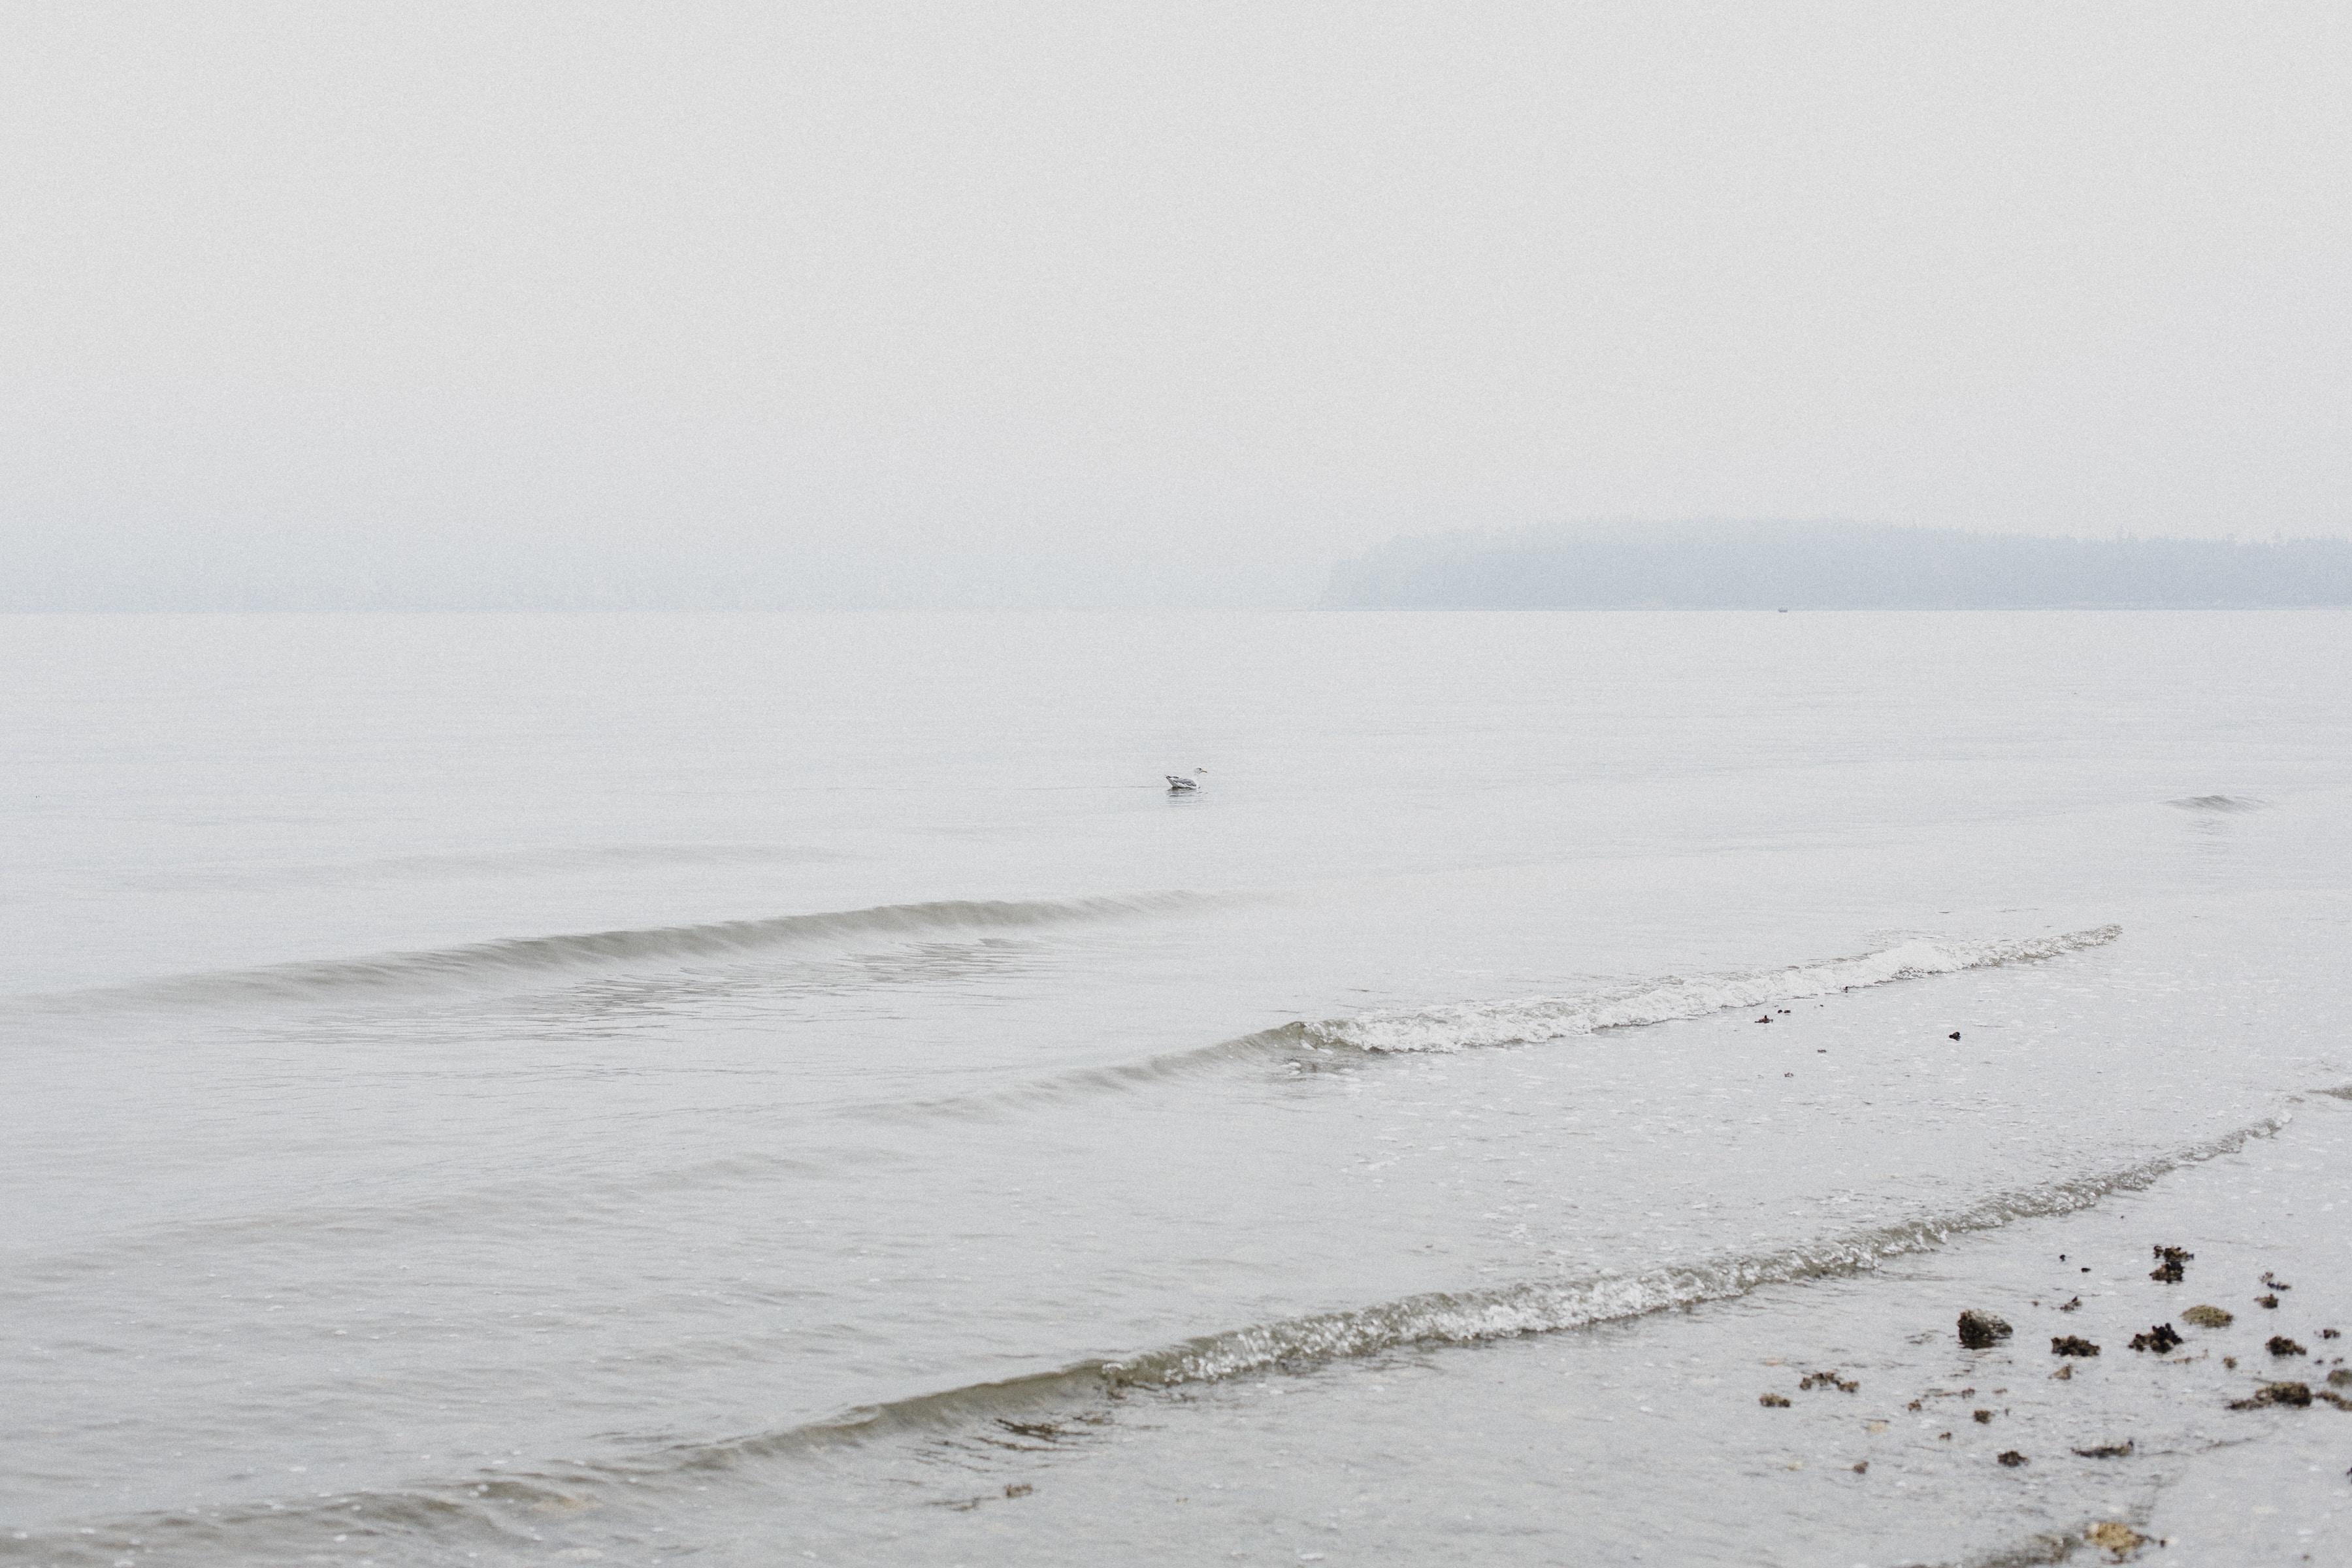 landscape photo of sea shore